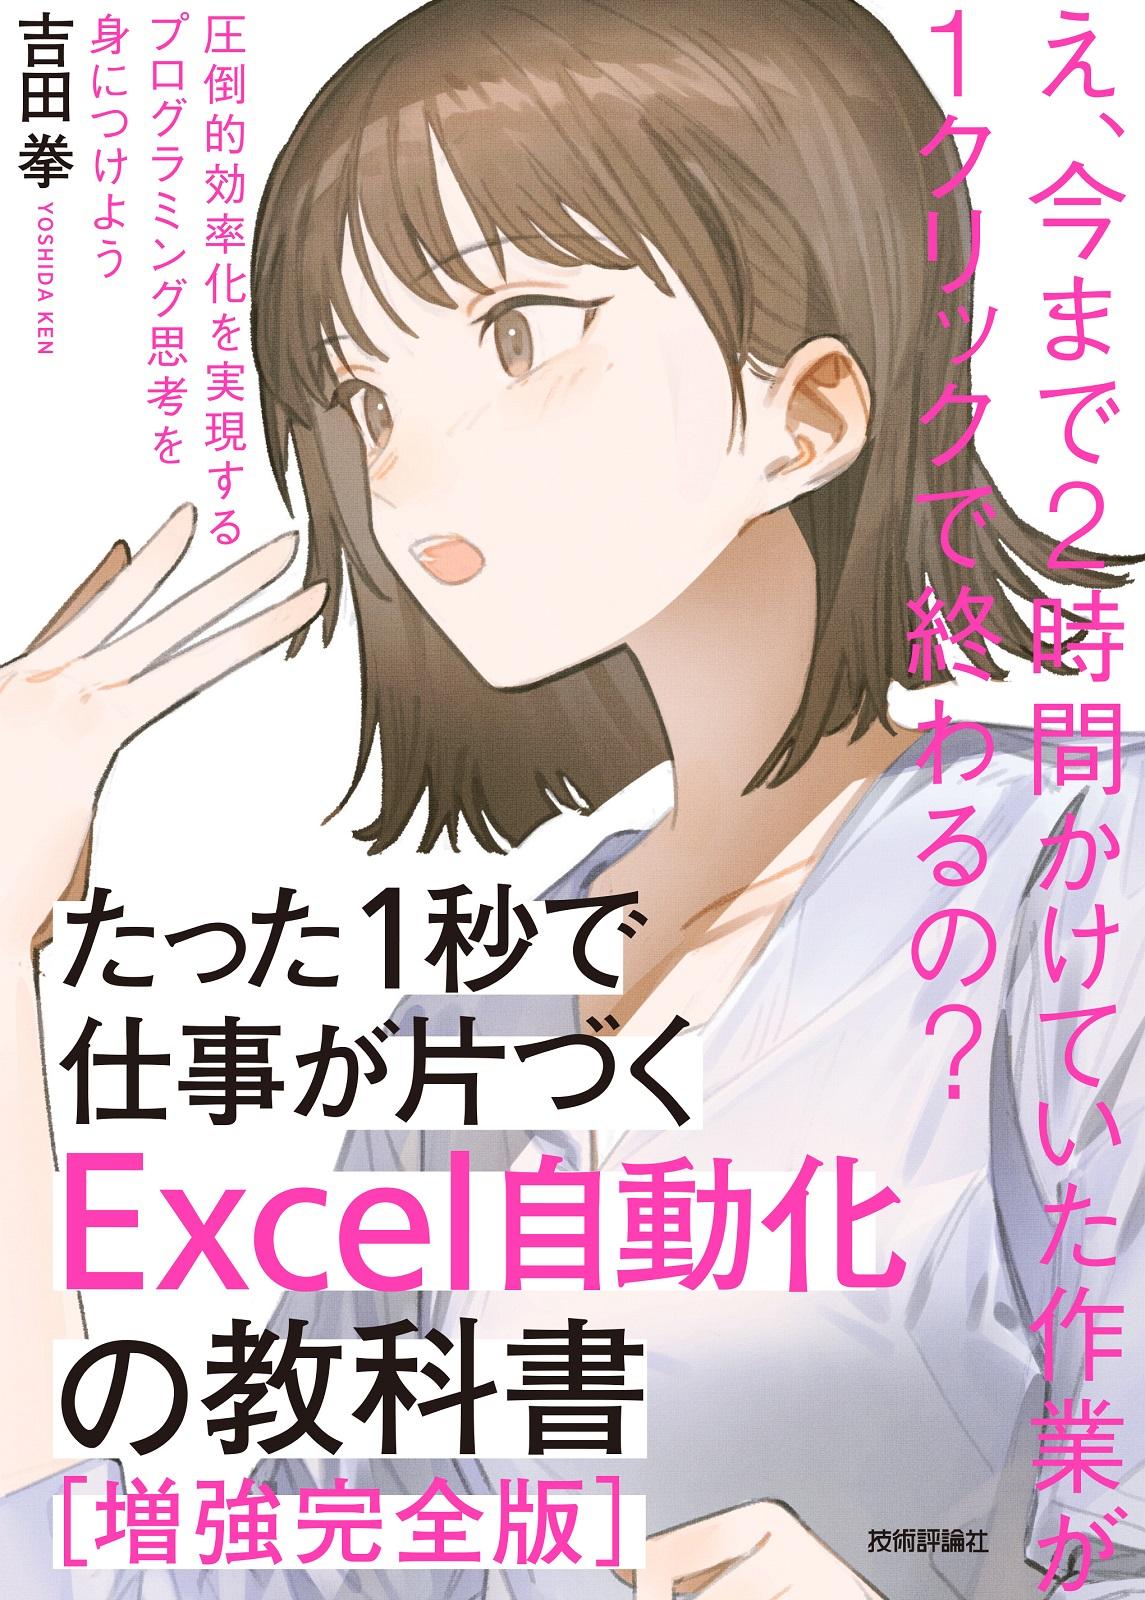 たった1秒で仕事が片づく Excel自動化の教科書【増強完全版】